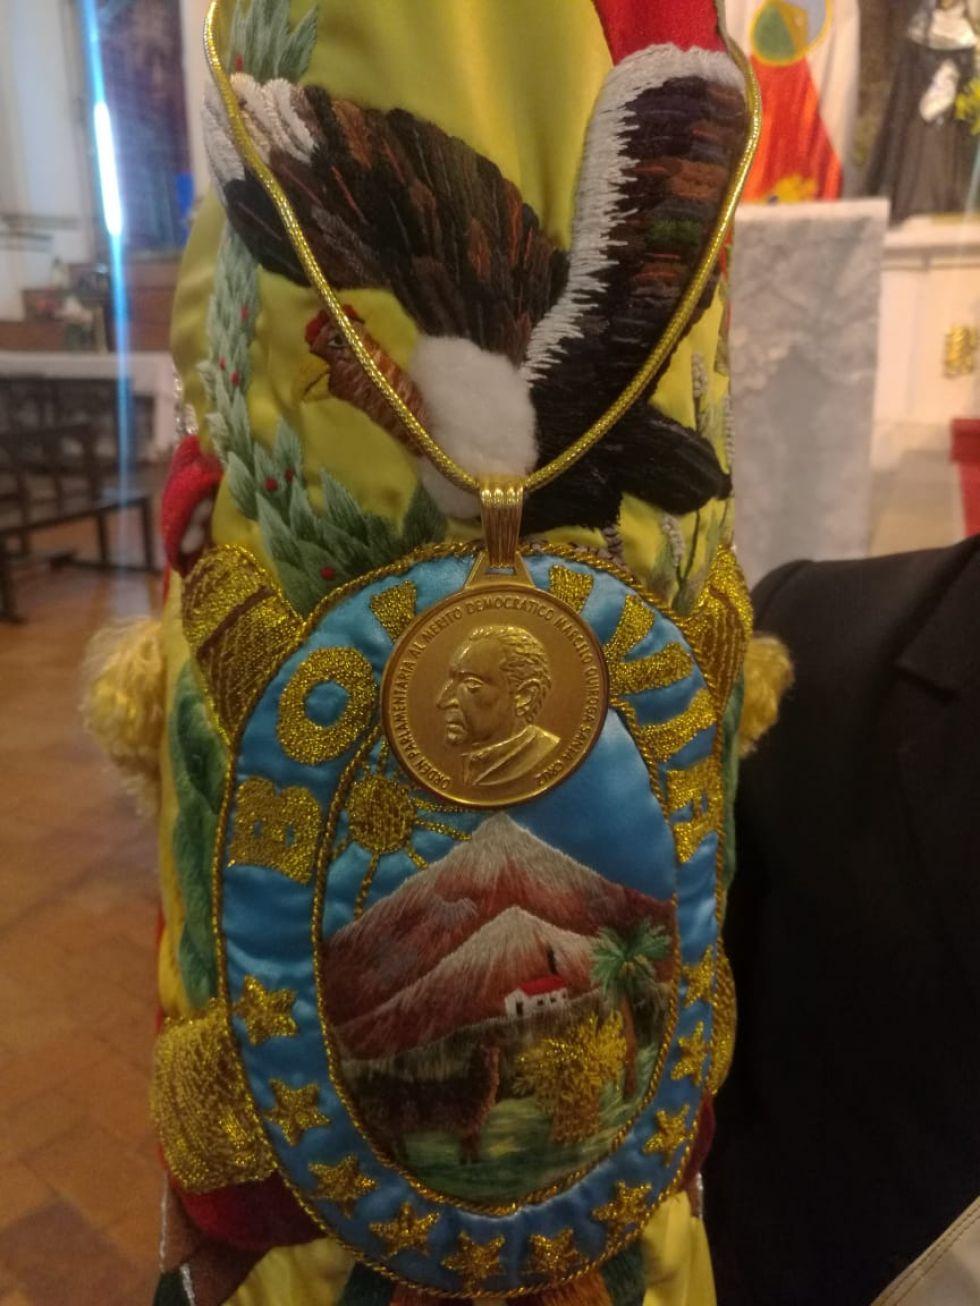 La medalla.